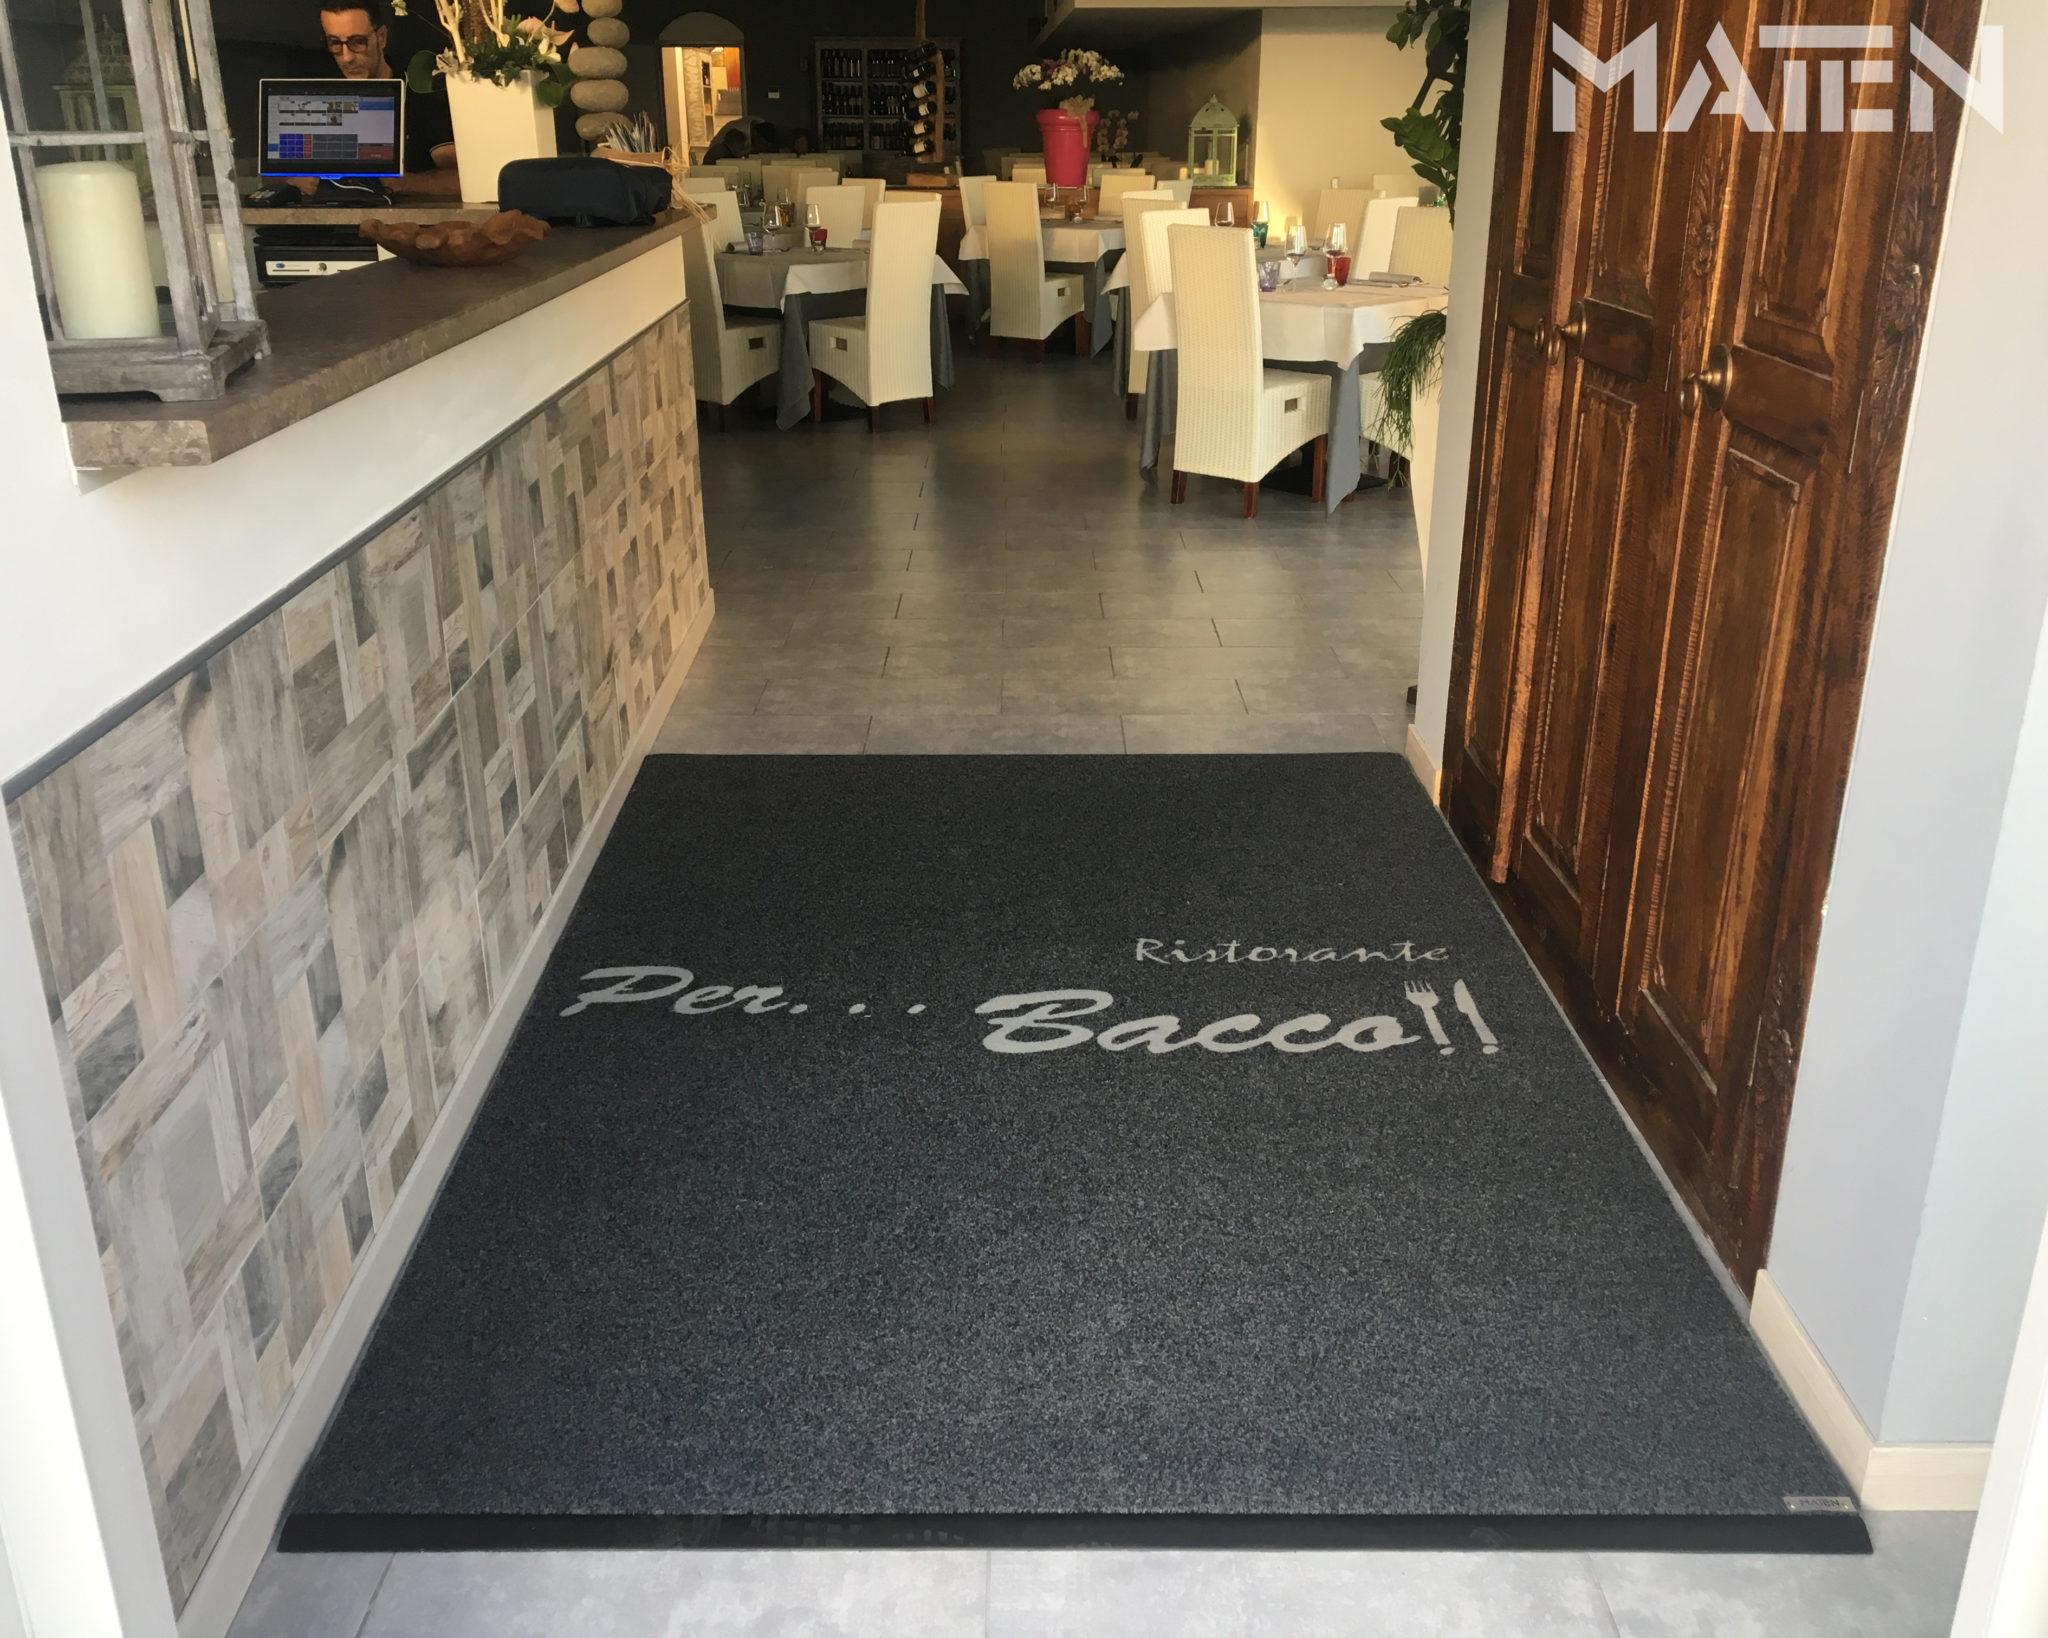 Vendita Tappeti A Milano tappeto ingresso logato milano - mat.en s.r.l. produzione e